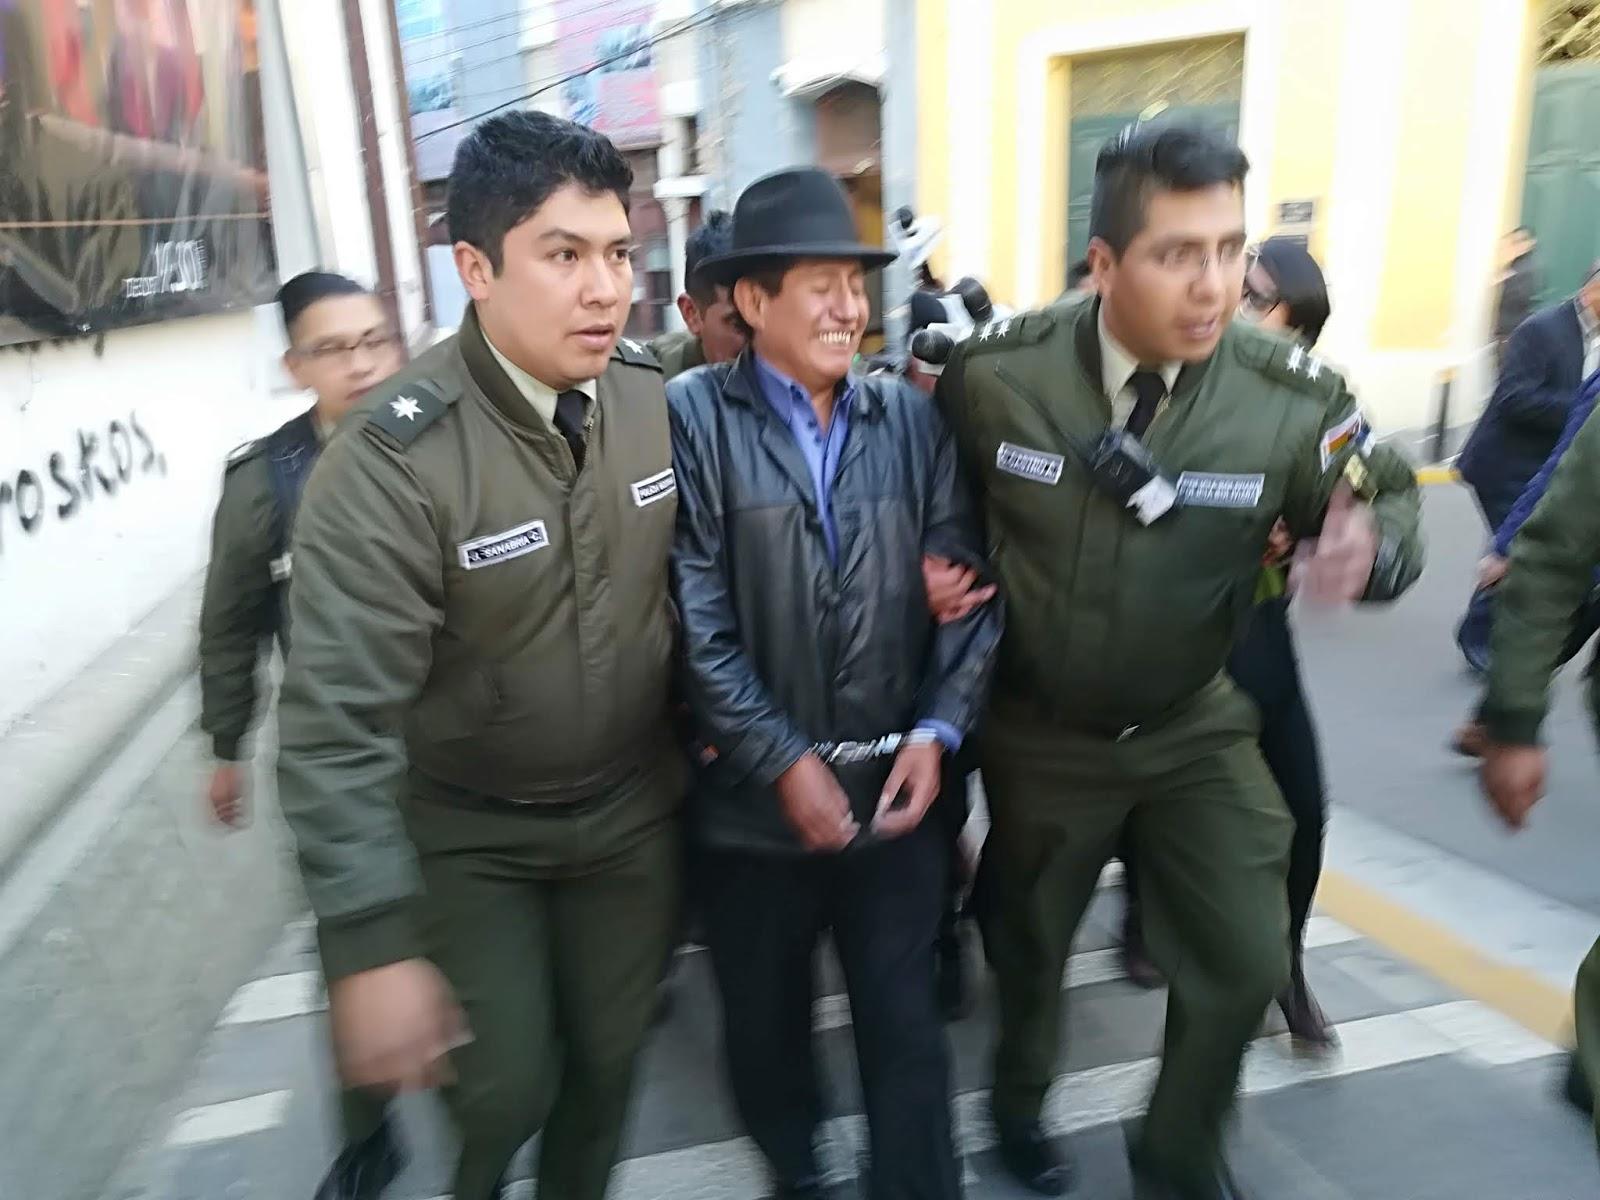 El diputado indígena fue aprehendido en la mañana y esposado en la tarde / ABI